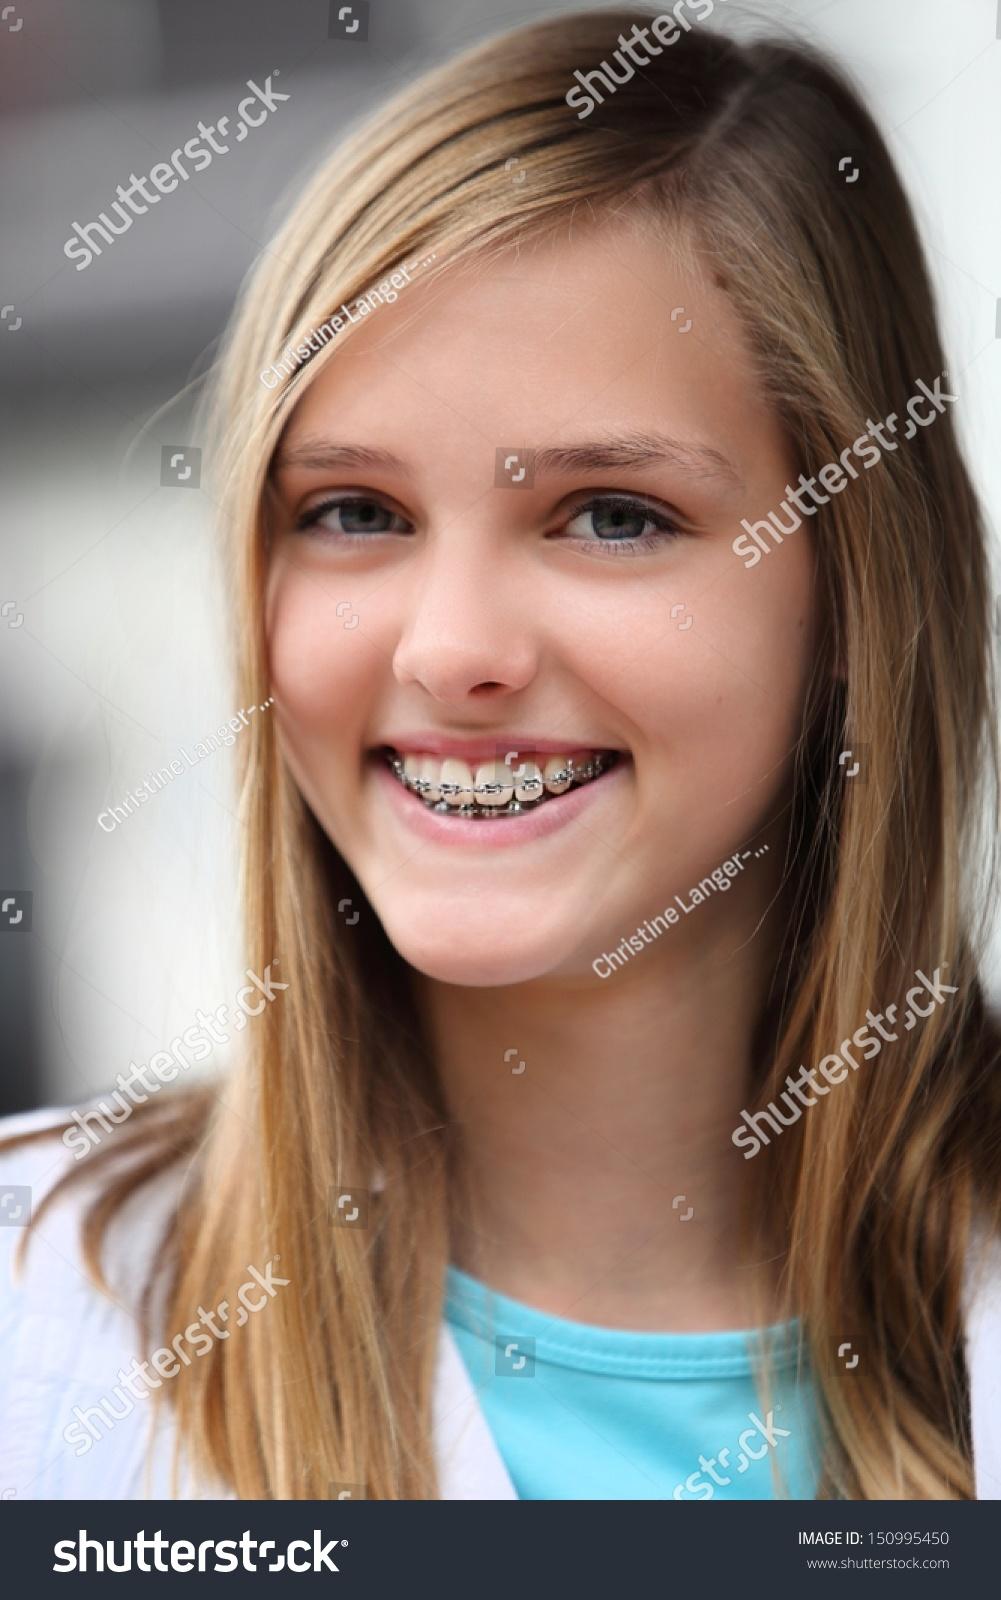 Smiling Teenage Girl Wearing Dental Braces Stock Photo